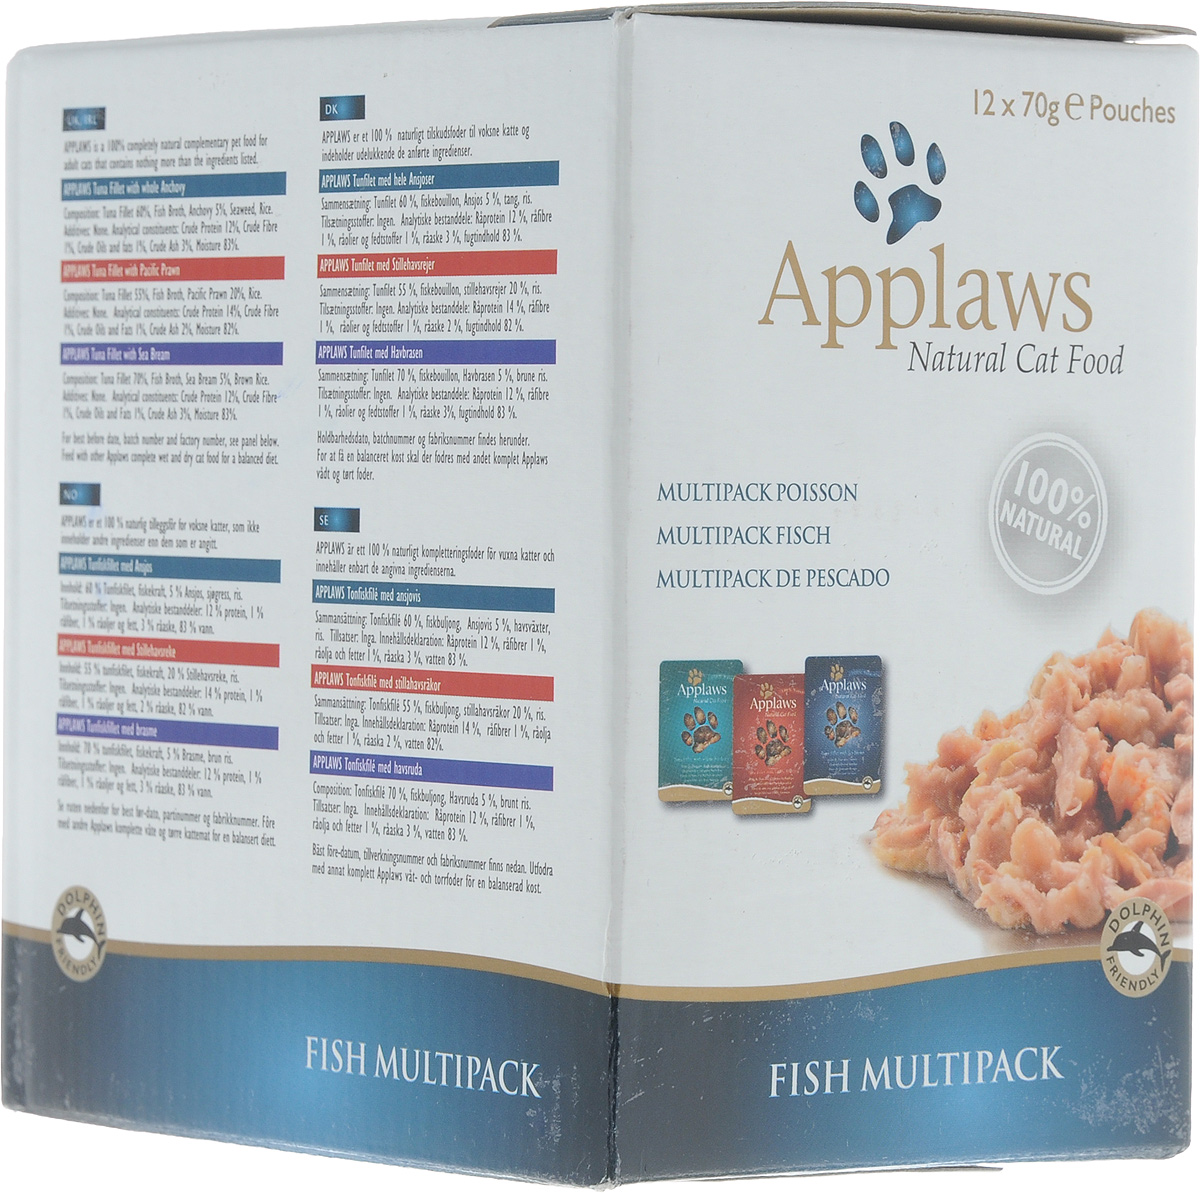 Консервы для кошек Applaws Рыбное ассорти, 12 шт х 70 г20759Консервы для кошек Applaws Рыбное ассорти изготовлены из свежего высококачественного филе тунца. Большое количество рыбной составляющей - 75% не оставят равнодушным ни одну кошку. Консервы для кошек и котят Applaws Рыбное ассорти приготовлены в собственном бульоне 24%. В состав каждого рецепта входит только три - четыре основных ингредиента и ничего более. Одним из основных преимуществ данного продукта, что он не содержит ГМО, искусственных консервантов или красителей, вкусовых добавок. Ваша кошка будет облизывать усики от удовольствия при виде аппетитных консервов Applaws Рыбное ассорти, а вы останетесь довольны качеством продукции, на что укажет улучшение состояния питомца и его хорошее настроение.В комплект входят 4 пауча с тунцом и королевскими креветками, 4 пауча с тунцом и анчоусами, 4 пауча с тунцом и морским окунем.Товар сертифицирован.